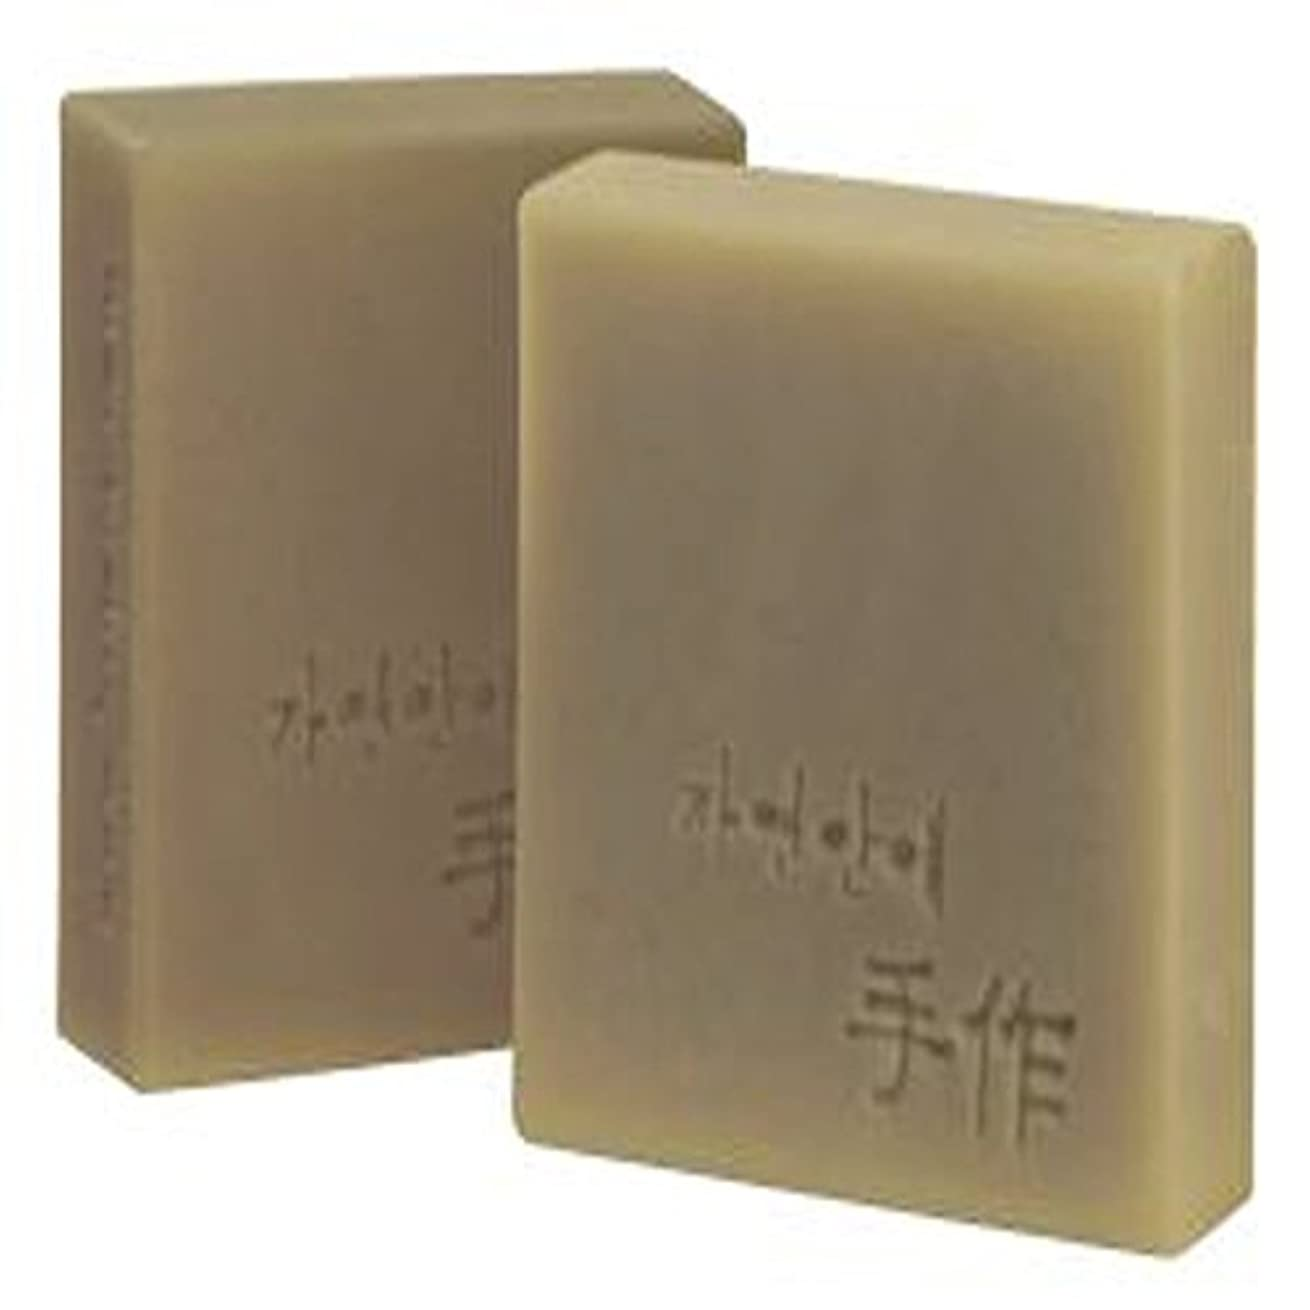 十一金額ゆでるNatural organic 有機天然ソープ 固形 無添加 洗顔せっけんクレンジング [並行輸入品] (何首烏)